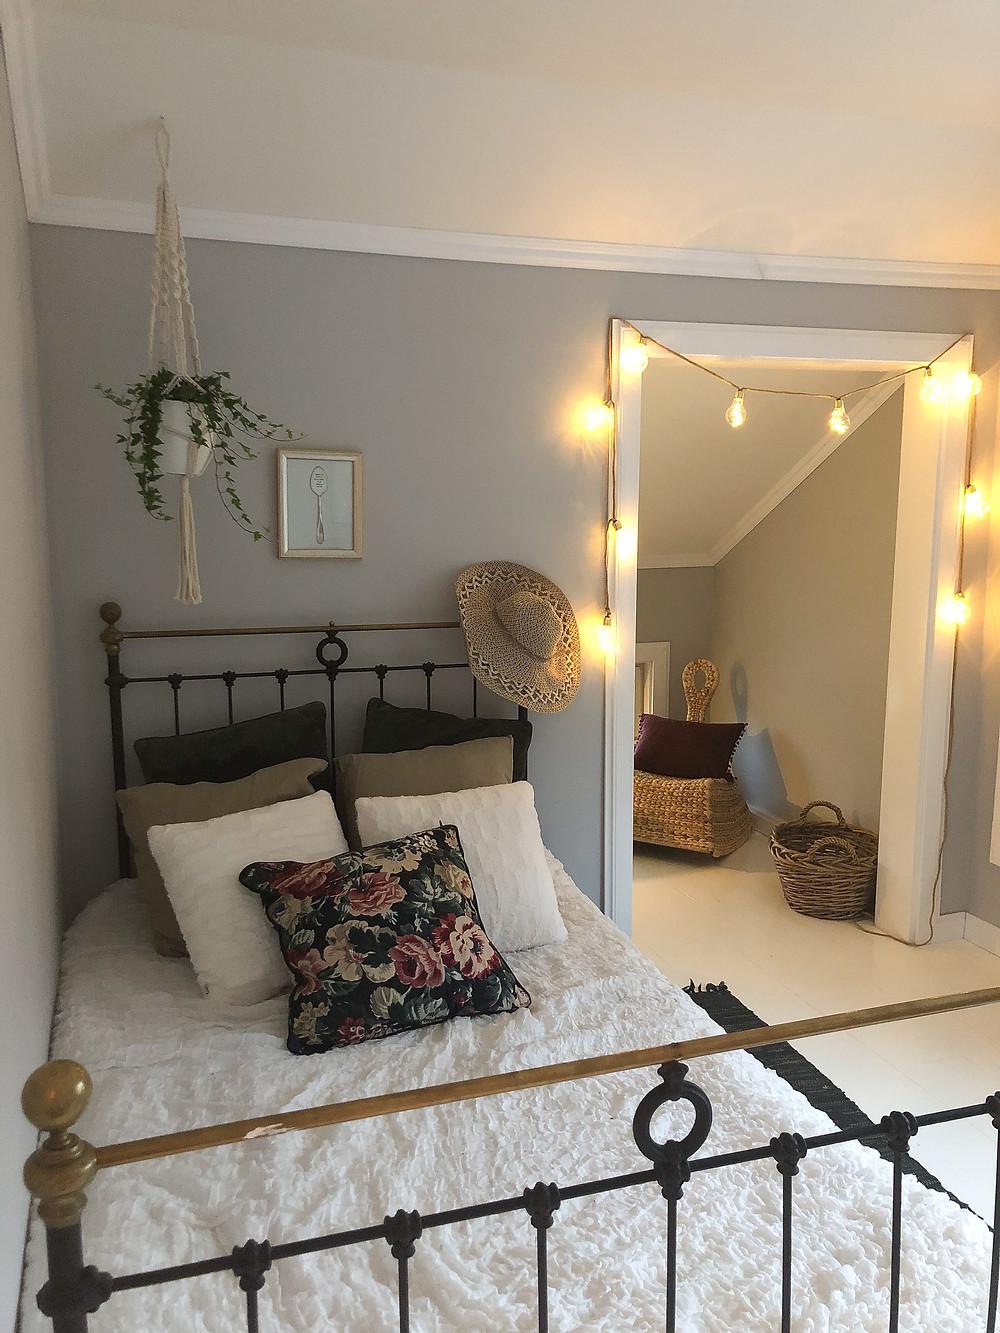 IKEA kukkatyyny, vanha rautasänky, old iron bed, hanging plant bedroom, floral pillow